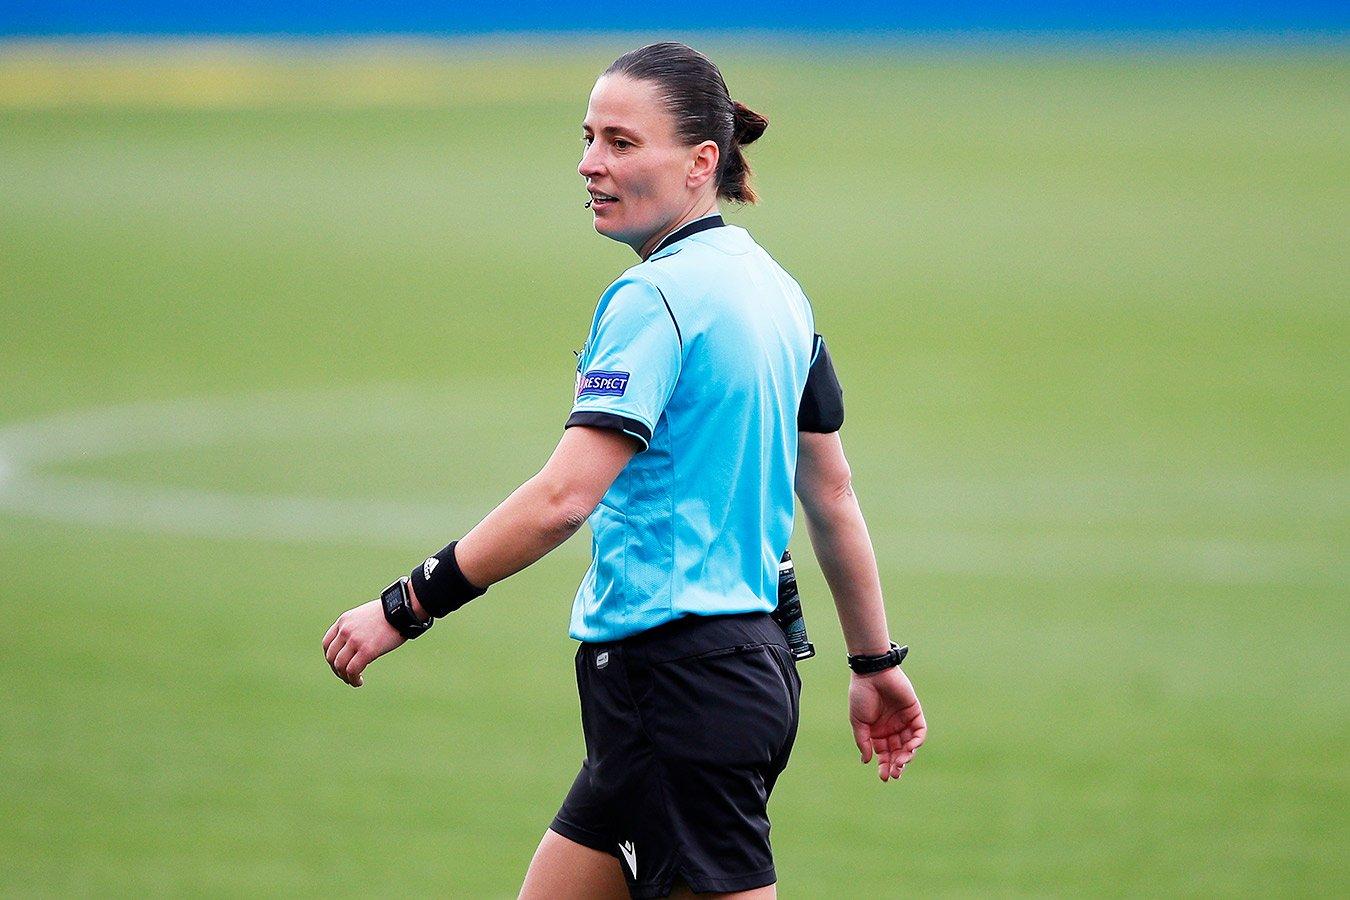 Анастасия Пустовойтова обслужит финальный матч женского футбольного турнира Олимпиады